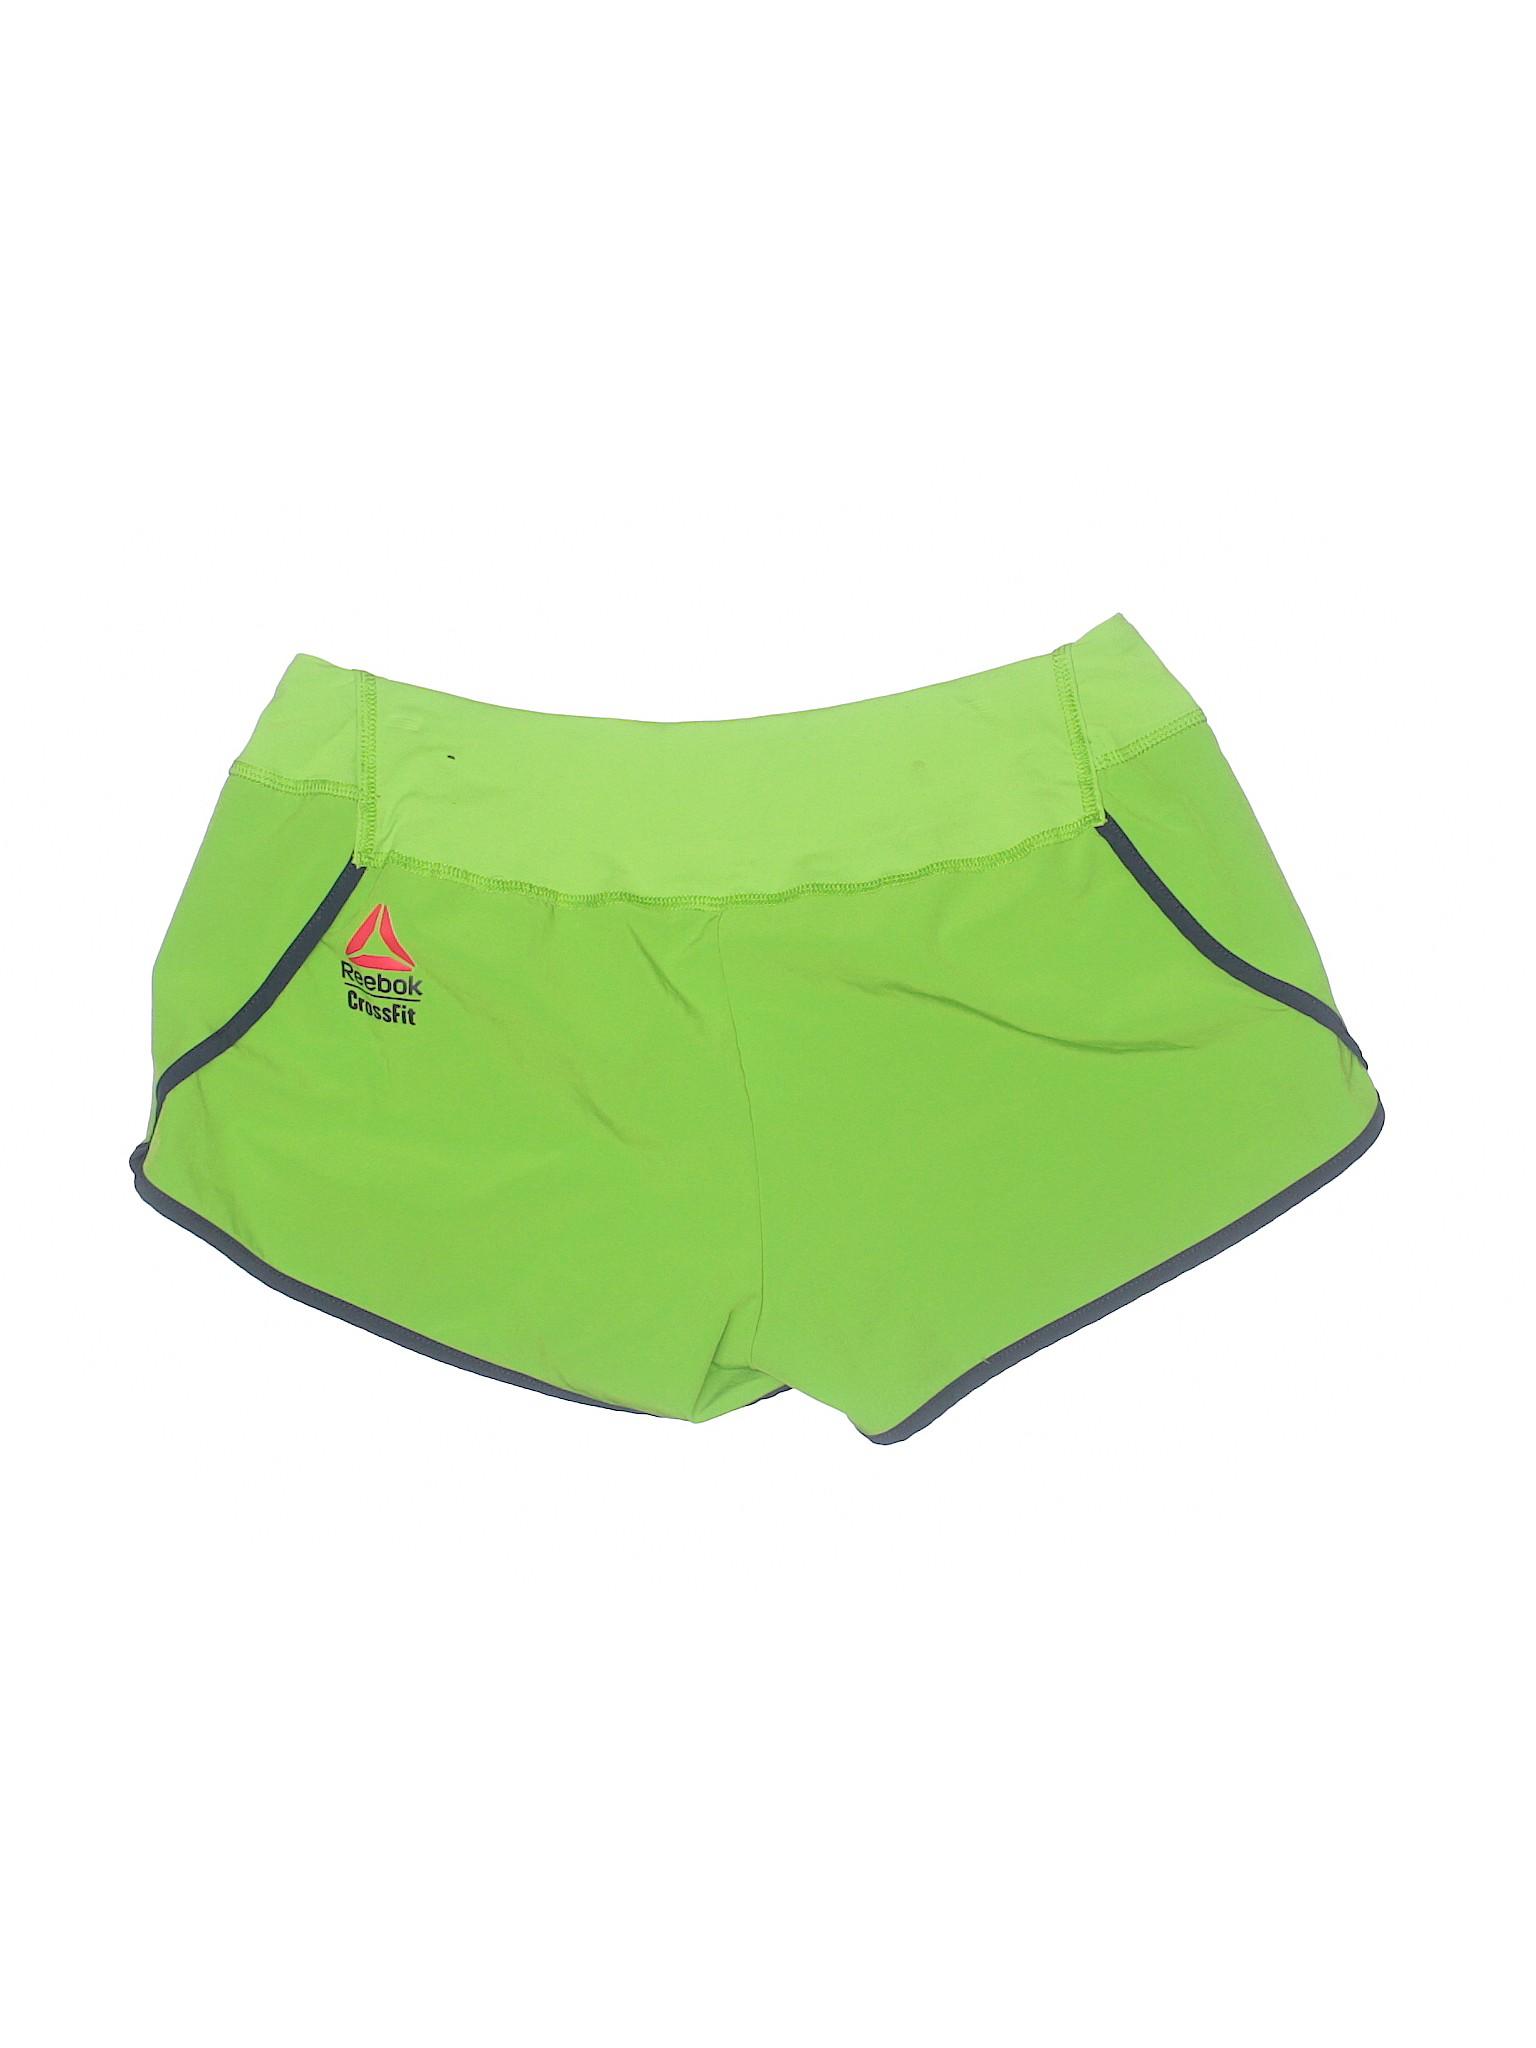 Shorts Reebok Athletic Boutique Boutique Shorts Boutique Shorts Reebok Reebok Boutique Shorts Reebok Athletic Athletic Athletic 5ZgqpAng